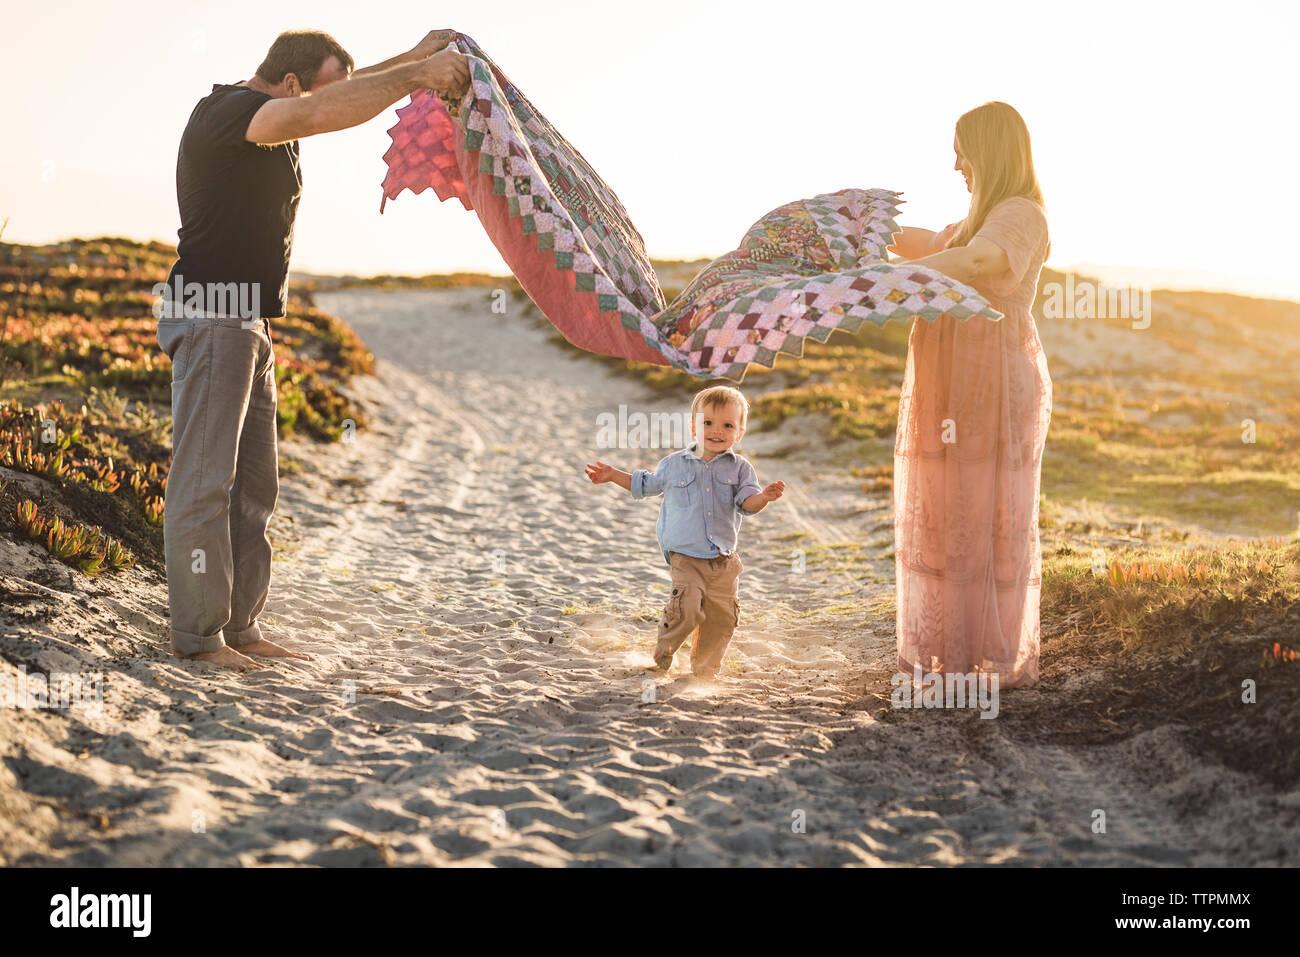 Vista laterale dei genitori tenendo coperta più carino figlio in esecuzione sulla sabbia in spiaggia contro il cielo chiaro durante il tramonto Foto Stock